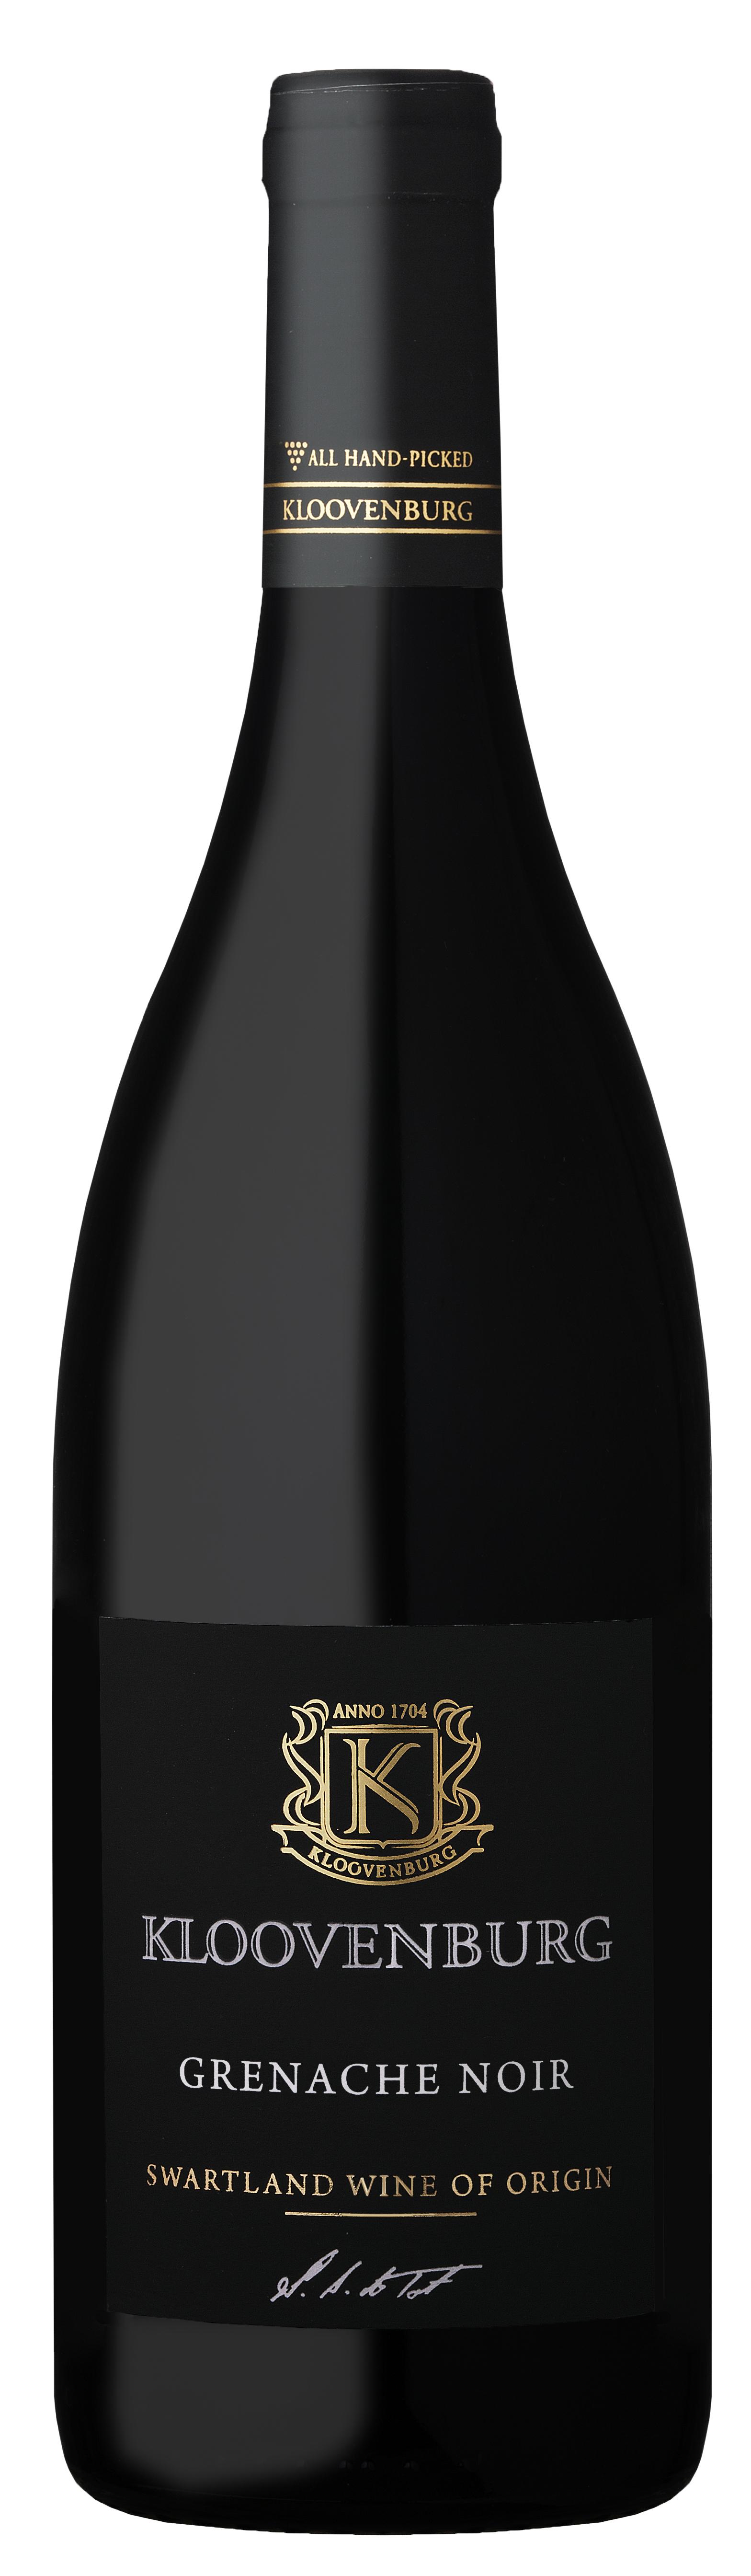 Grenache Noir NV.jpg